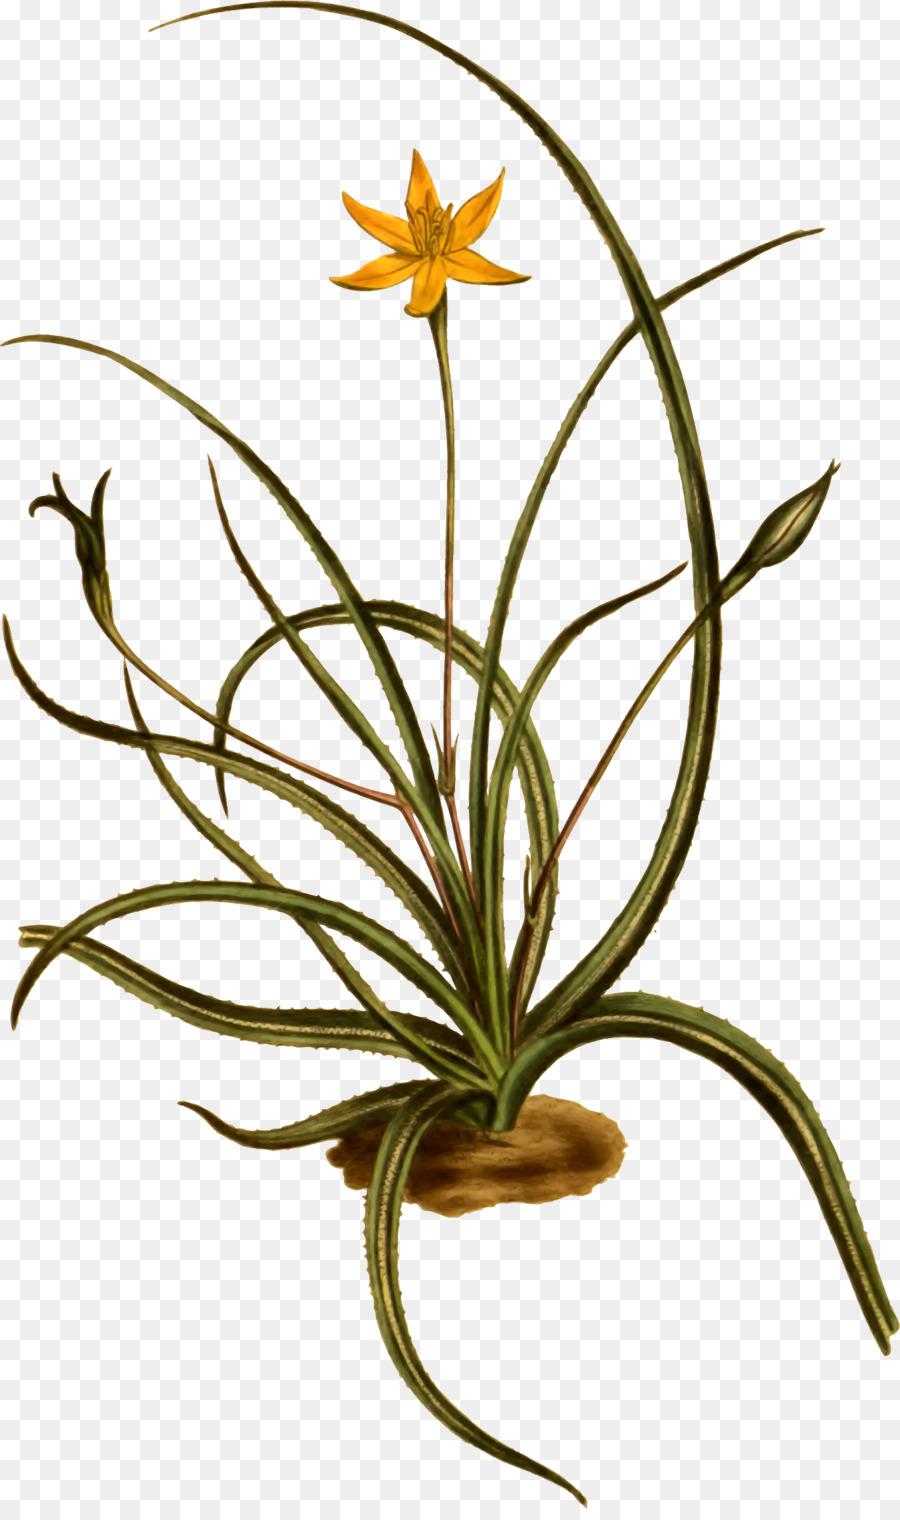 Descarga gratuita de La Floración De La Planta, Las Plantas, Hypoxis imágenes PNG